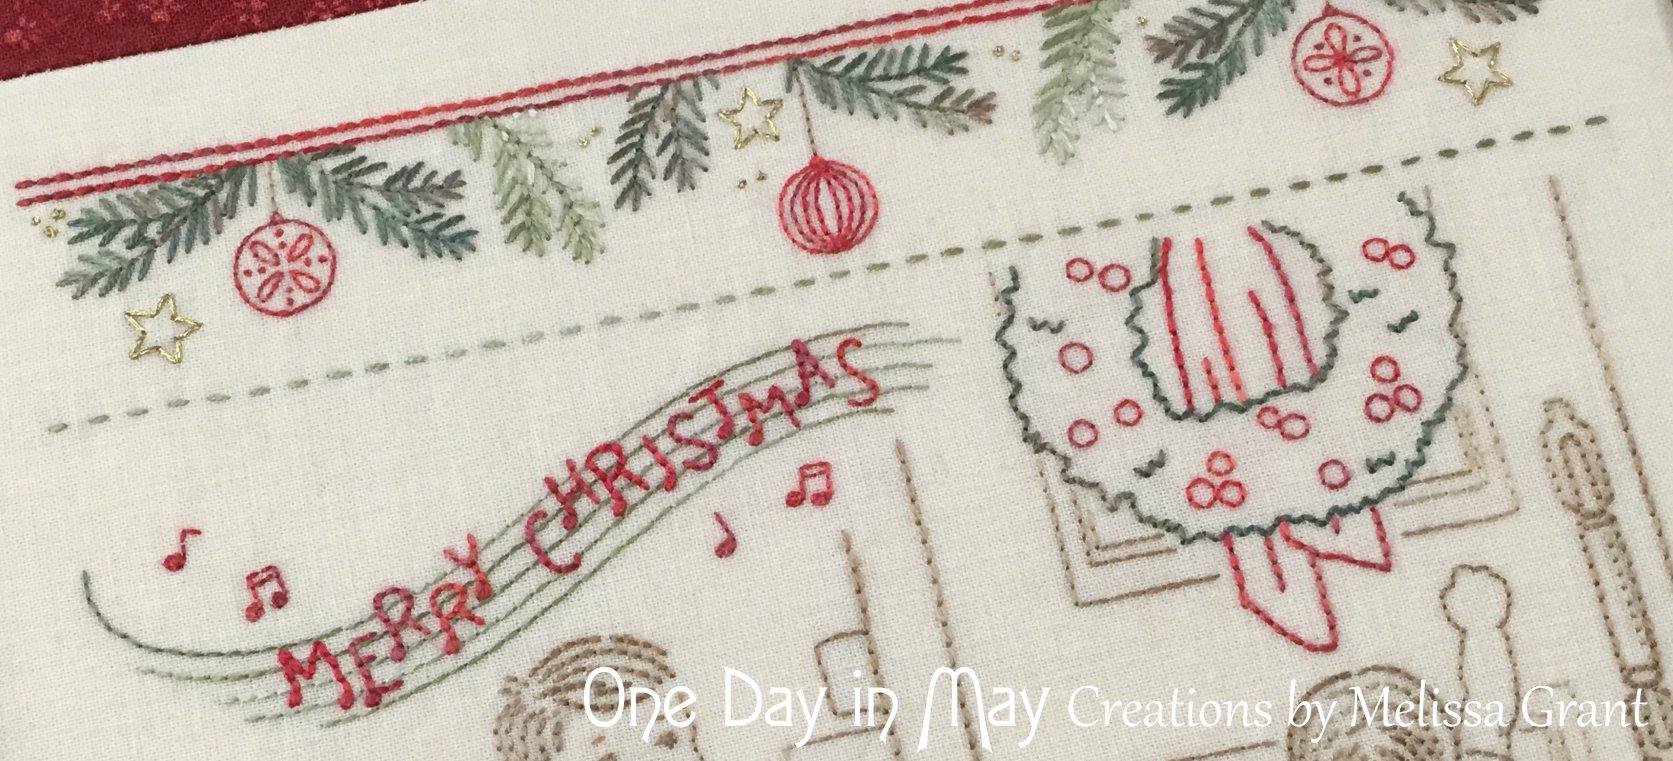 We wish you a... ~ Lyrics and Wreath Closeup